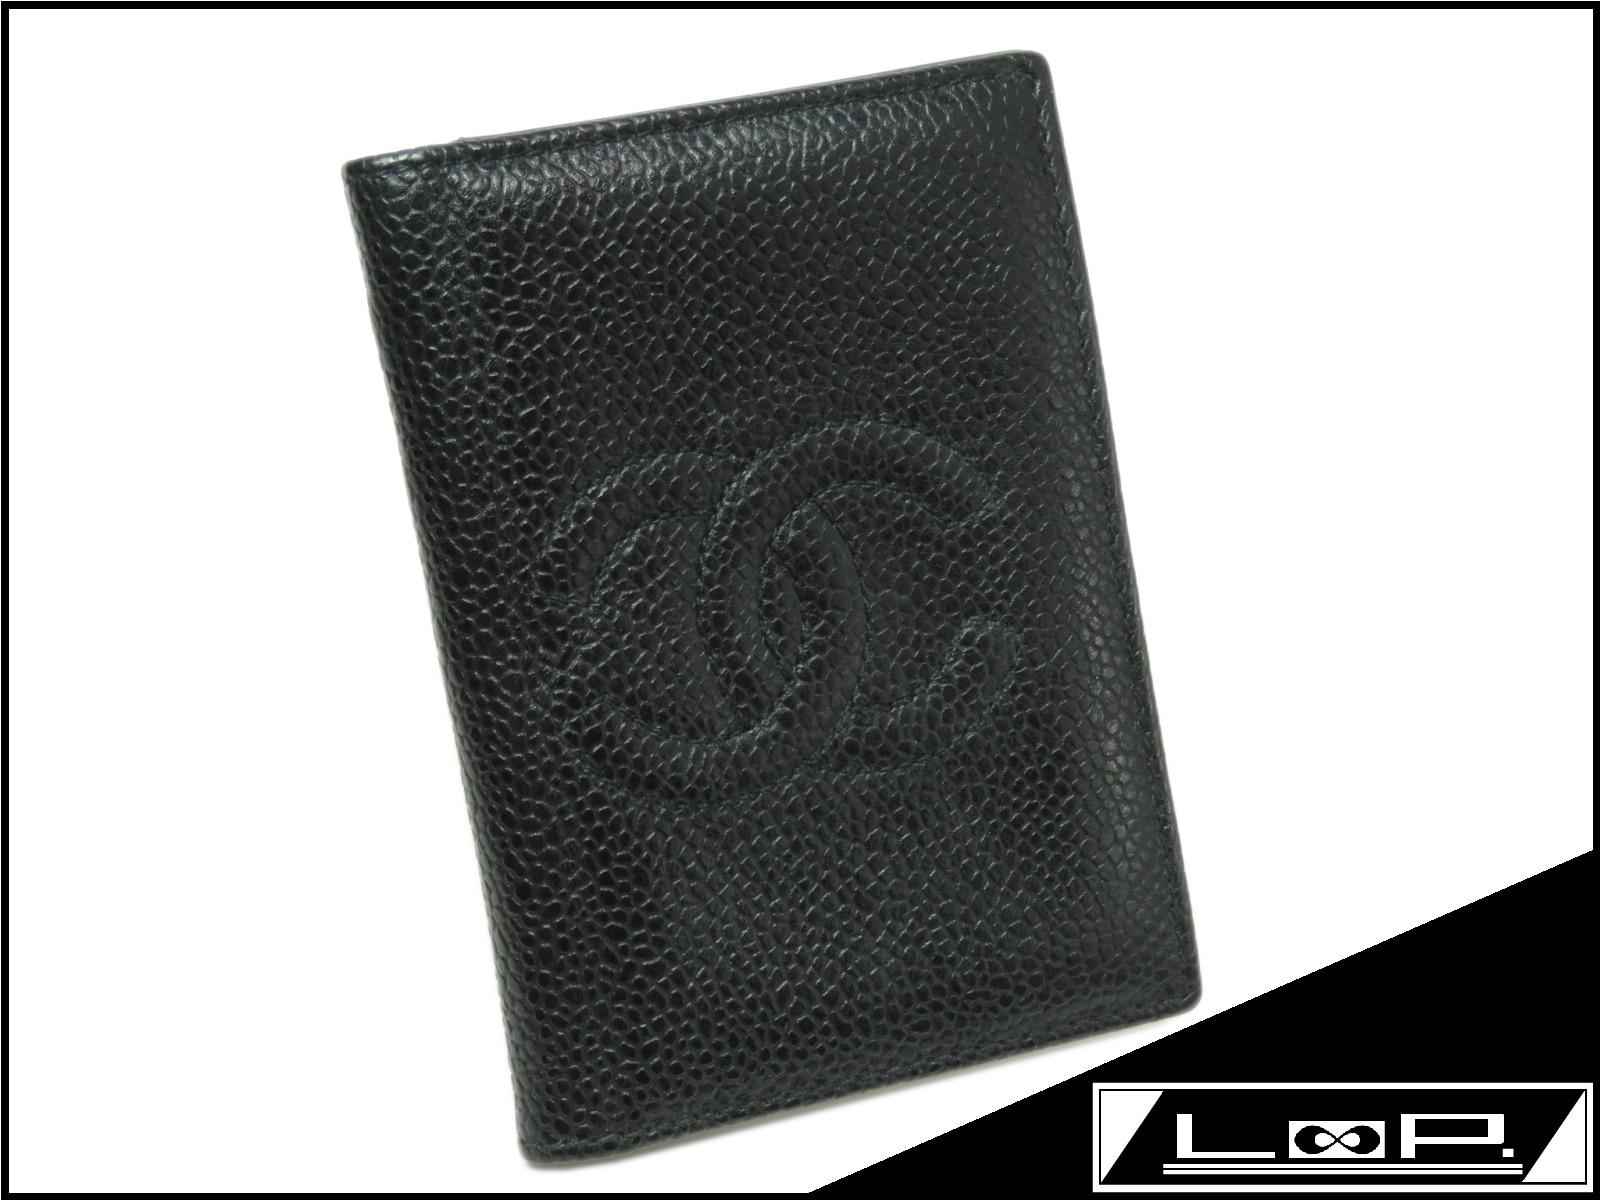 【CHANEL】 シャネル ココ カード ケース パス ケース 定期 入れ 財布 類 キャビア スキン ブラック 黒 クロ 【A21563】 【中古】